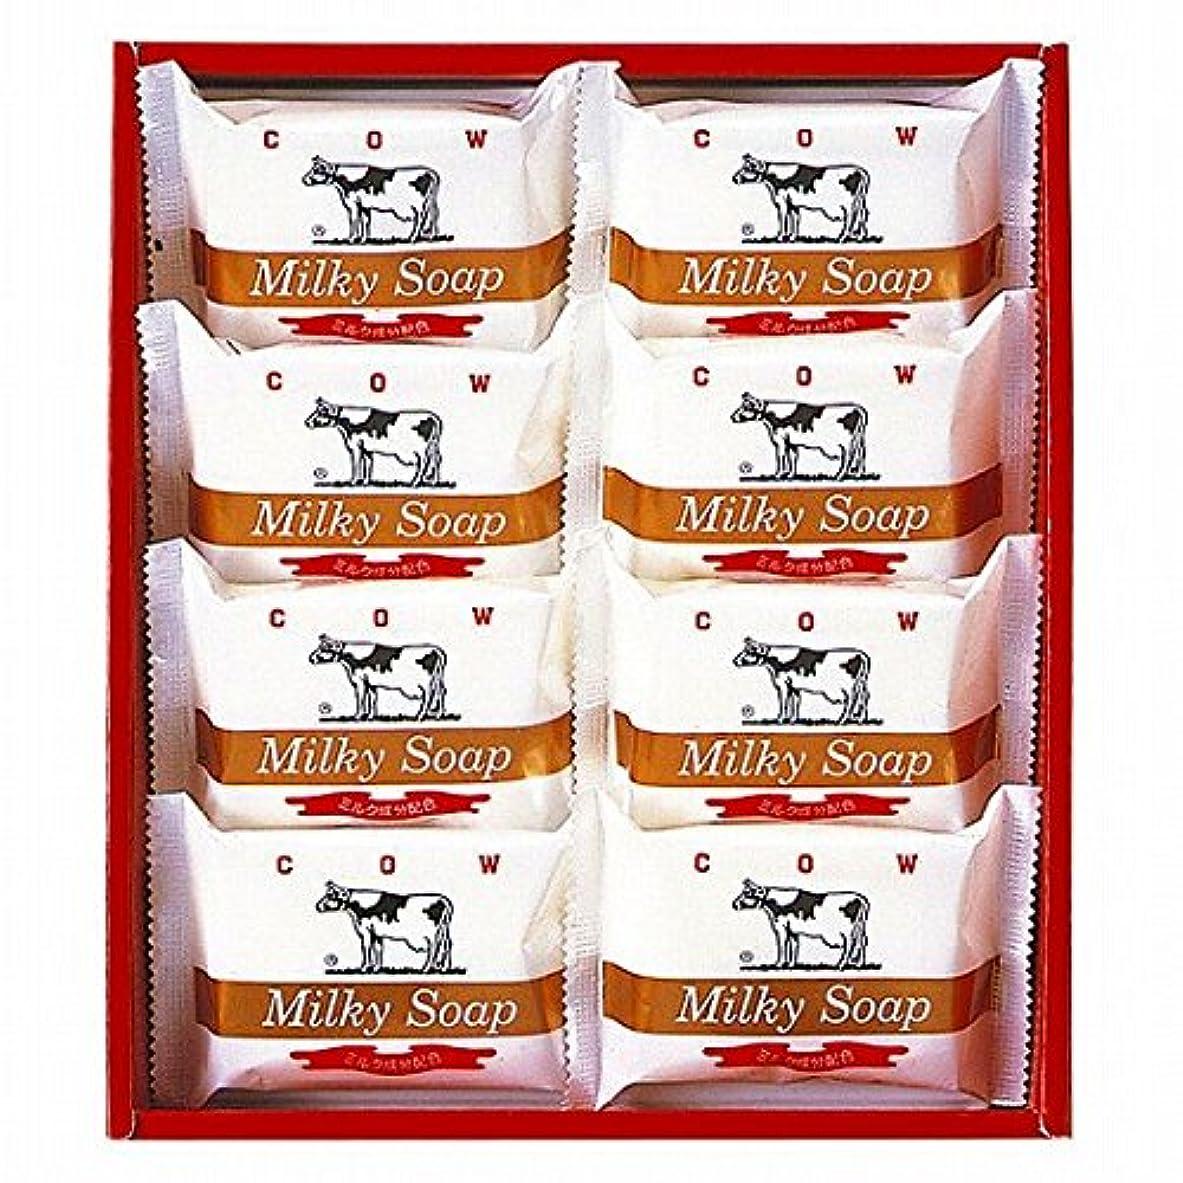 寄り添う課税バイアスnobrand 牛乳石鹸 ゴールドソープセット (21940004)